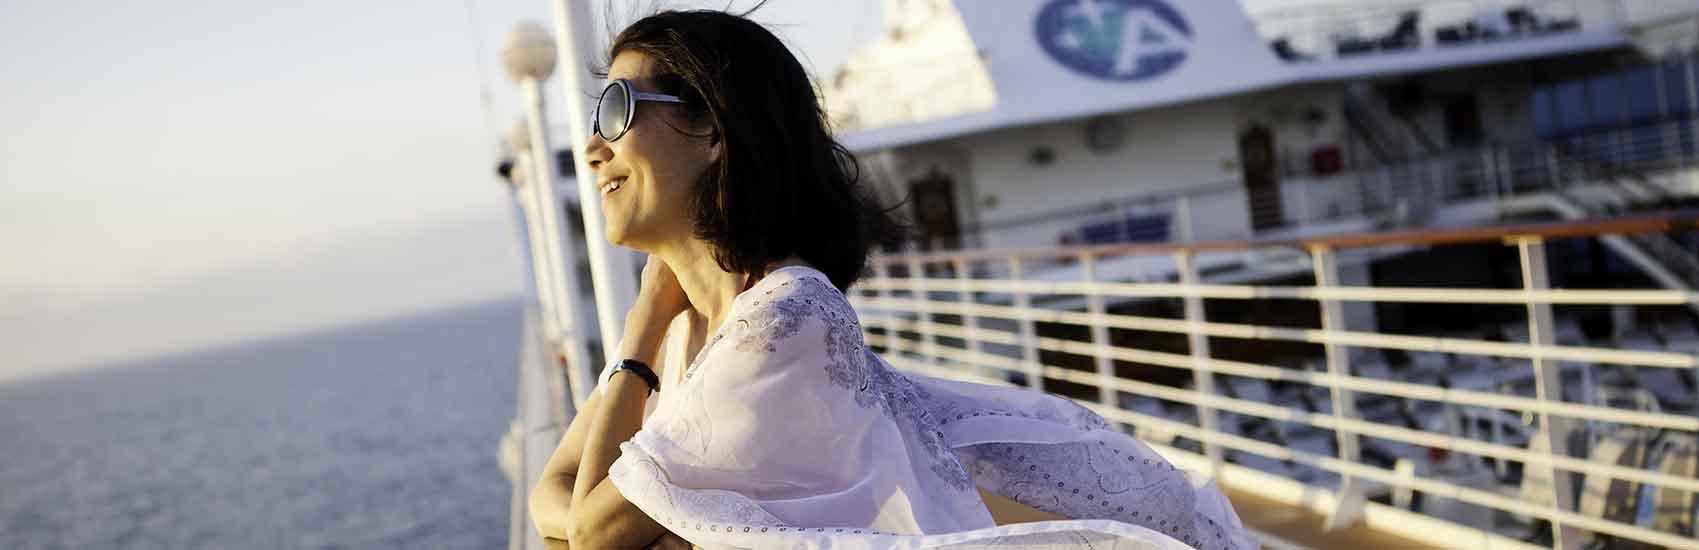 Travel Solo with Azamara Cruises 0